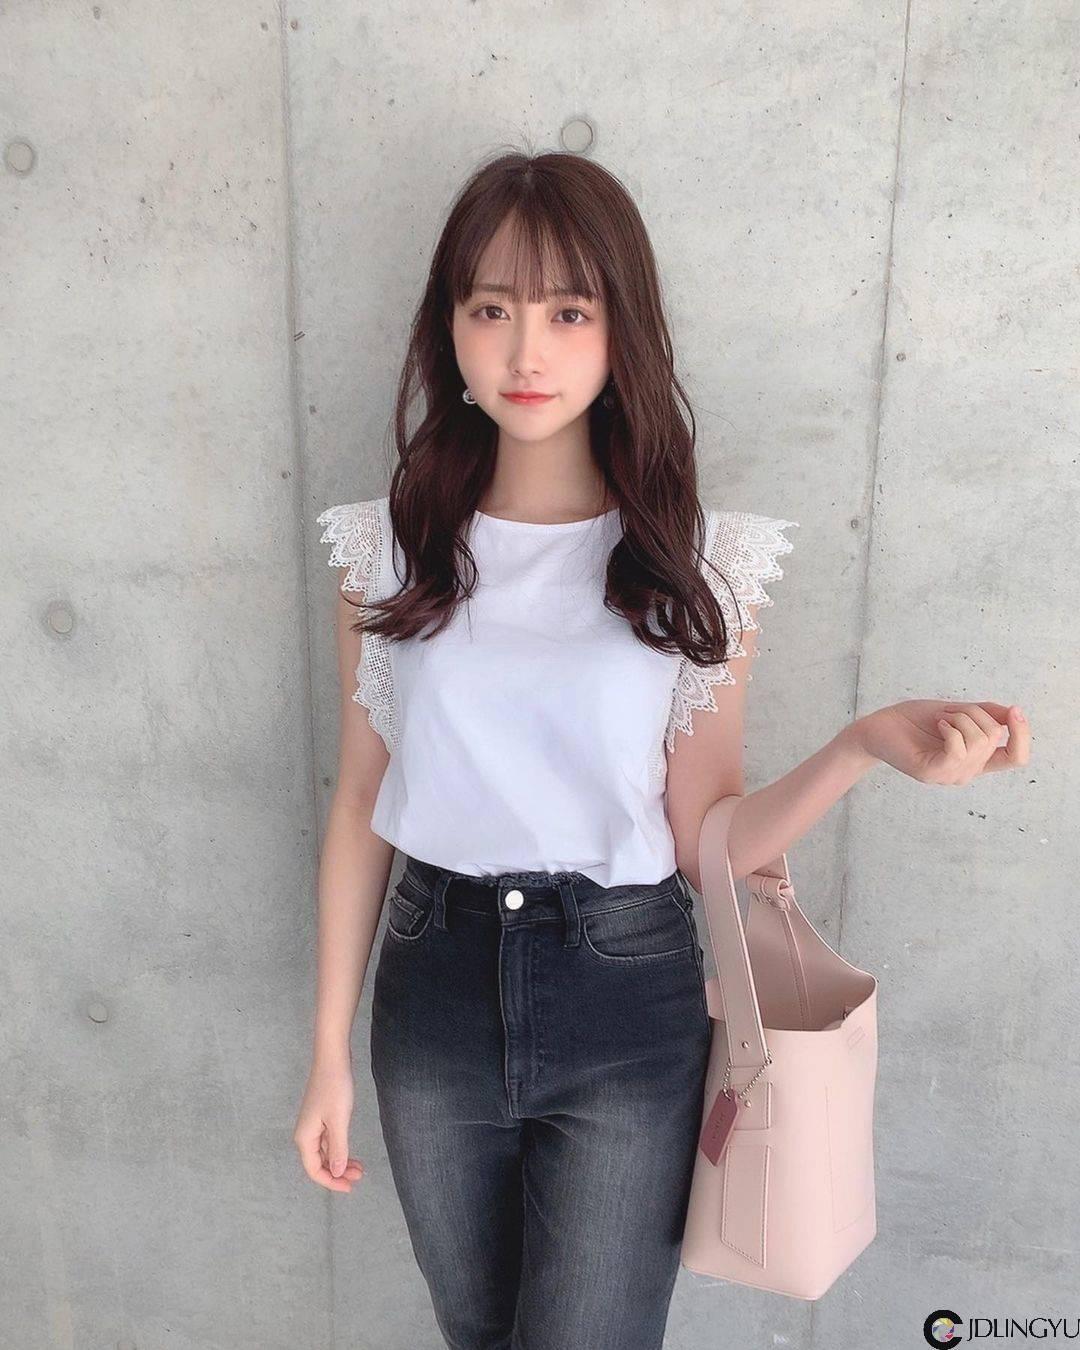 福冈美少女「miyu」甜美侧拍超可爱,神正颜值让人恋爱!